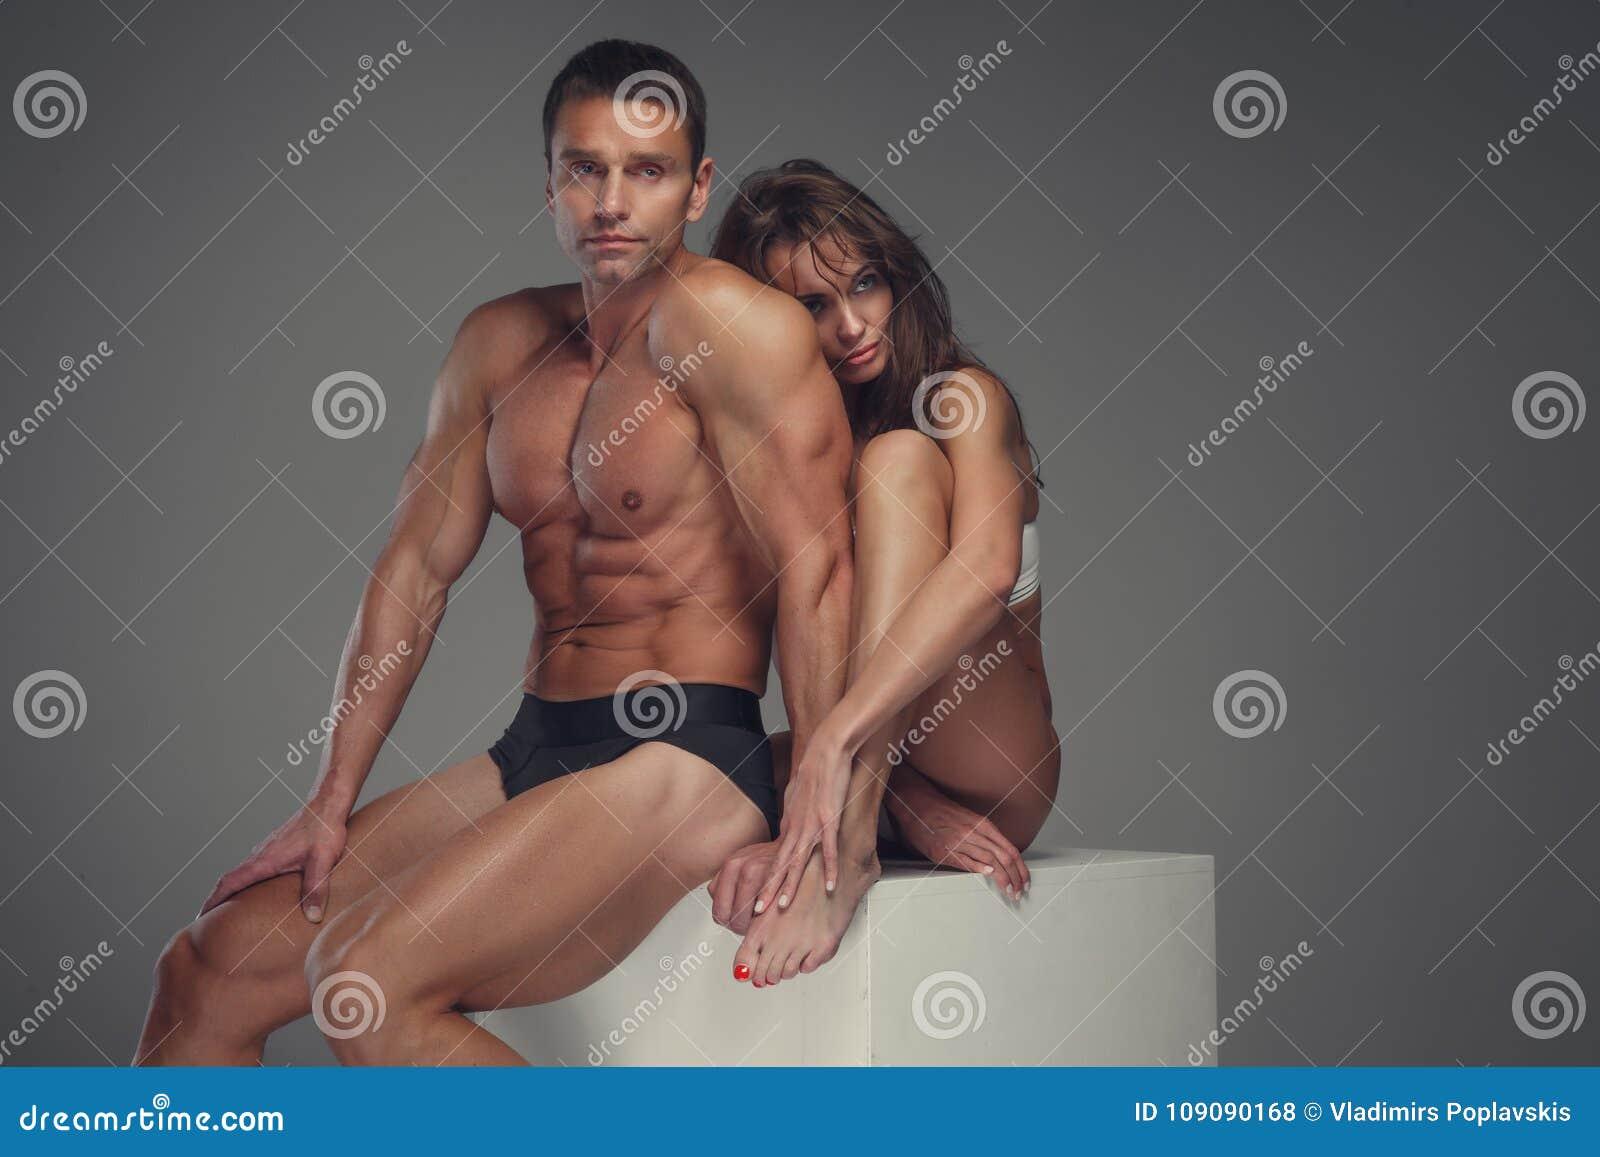 Telugu girls sex boy